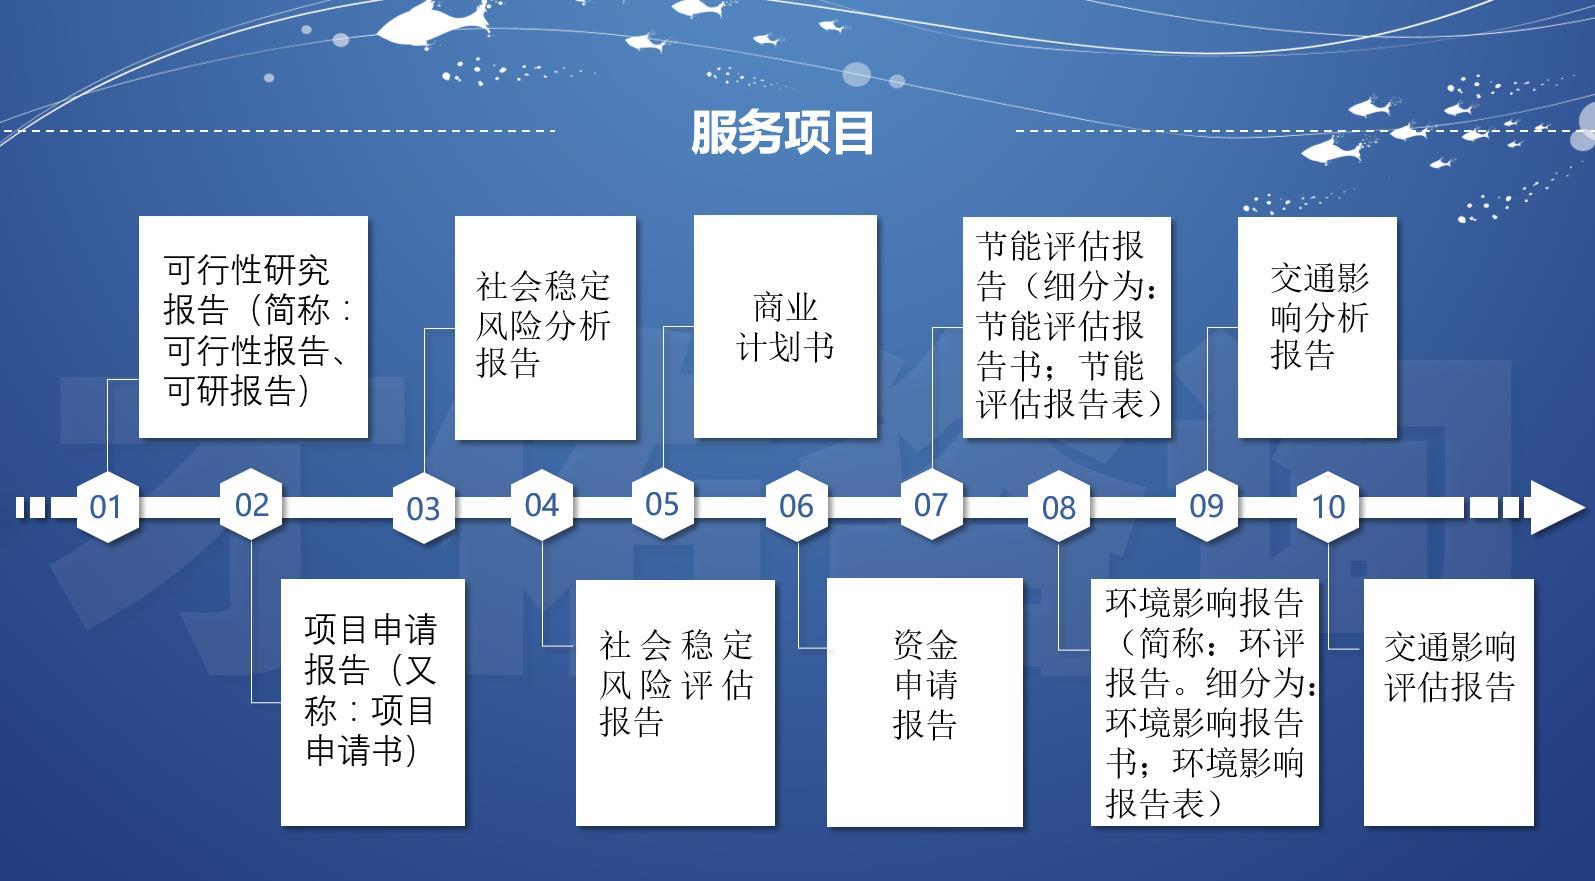 晋州岩土工程社会风险分析报告公司